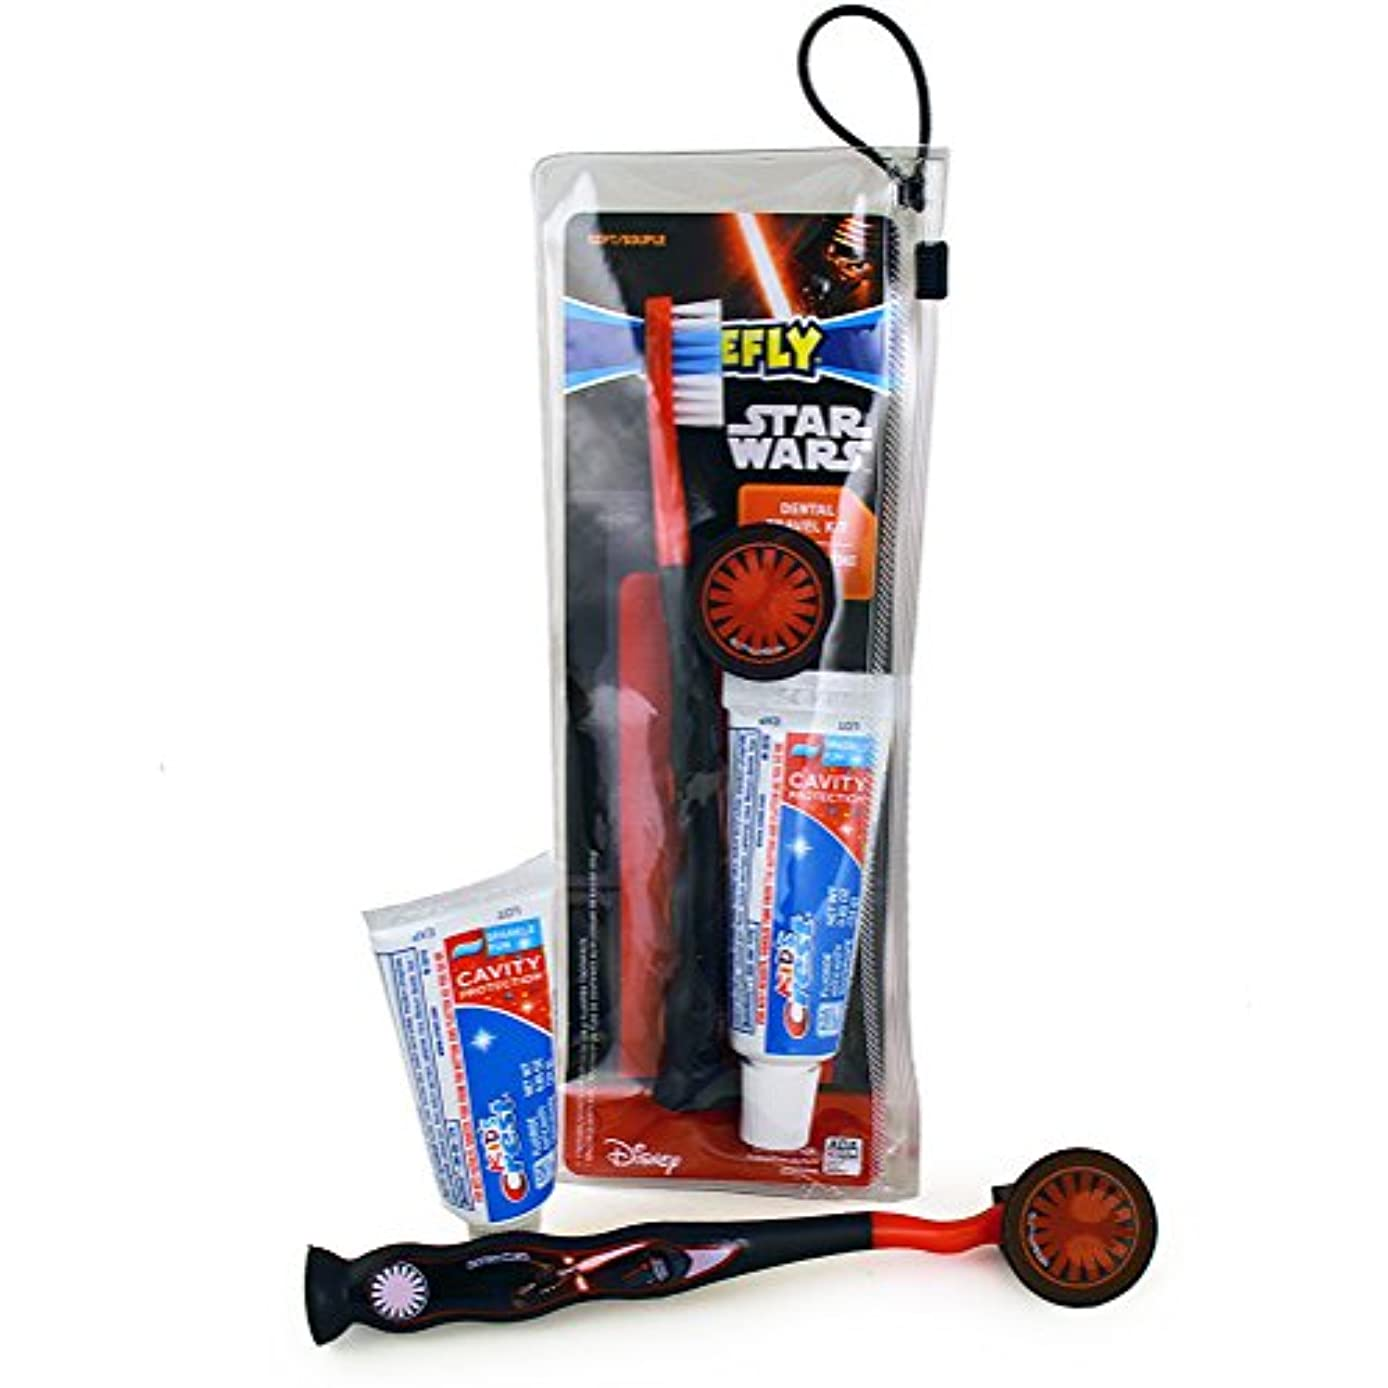 人質やめるインフラFirefly Star Wars Dental Travel Kit スターウォーズ デンタルトラベルキット(歯ブラシ、歯ブラシキャップ、子供用歯磨き粉24g)